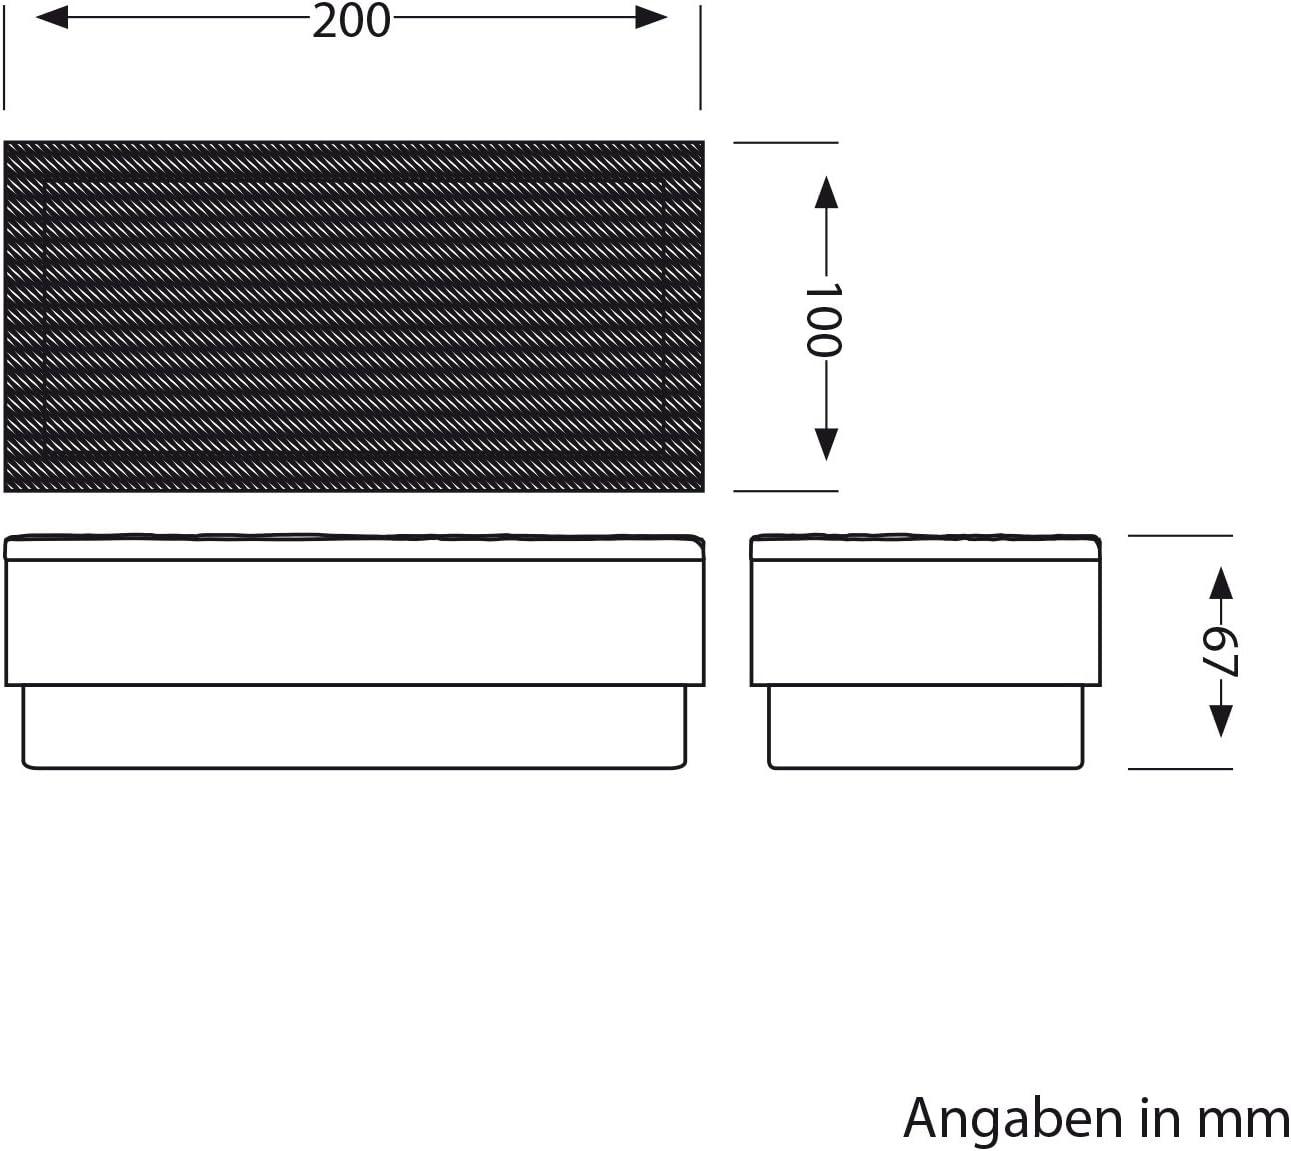 ledscom.de LED Pflaster-Stein Gorgon Boden-Einbauleuchte für außen, 20x10cm, 12V, warm-weiß 5er Set 8er-Set